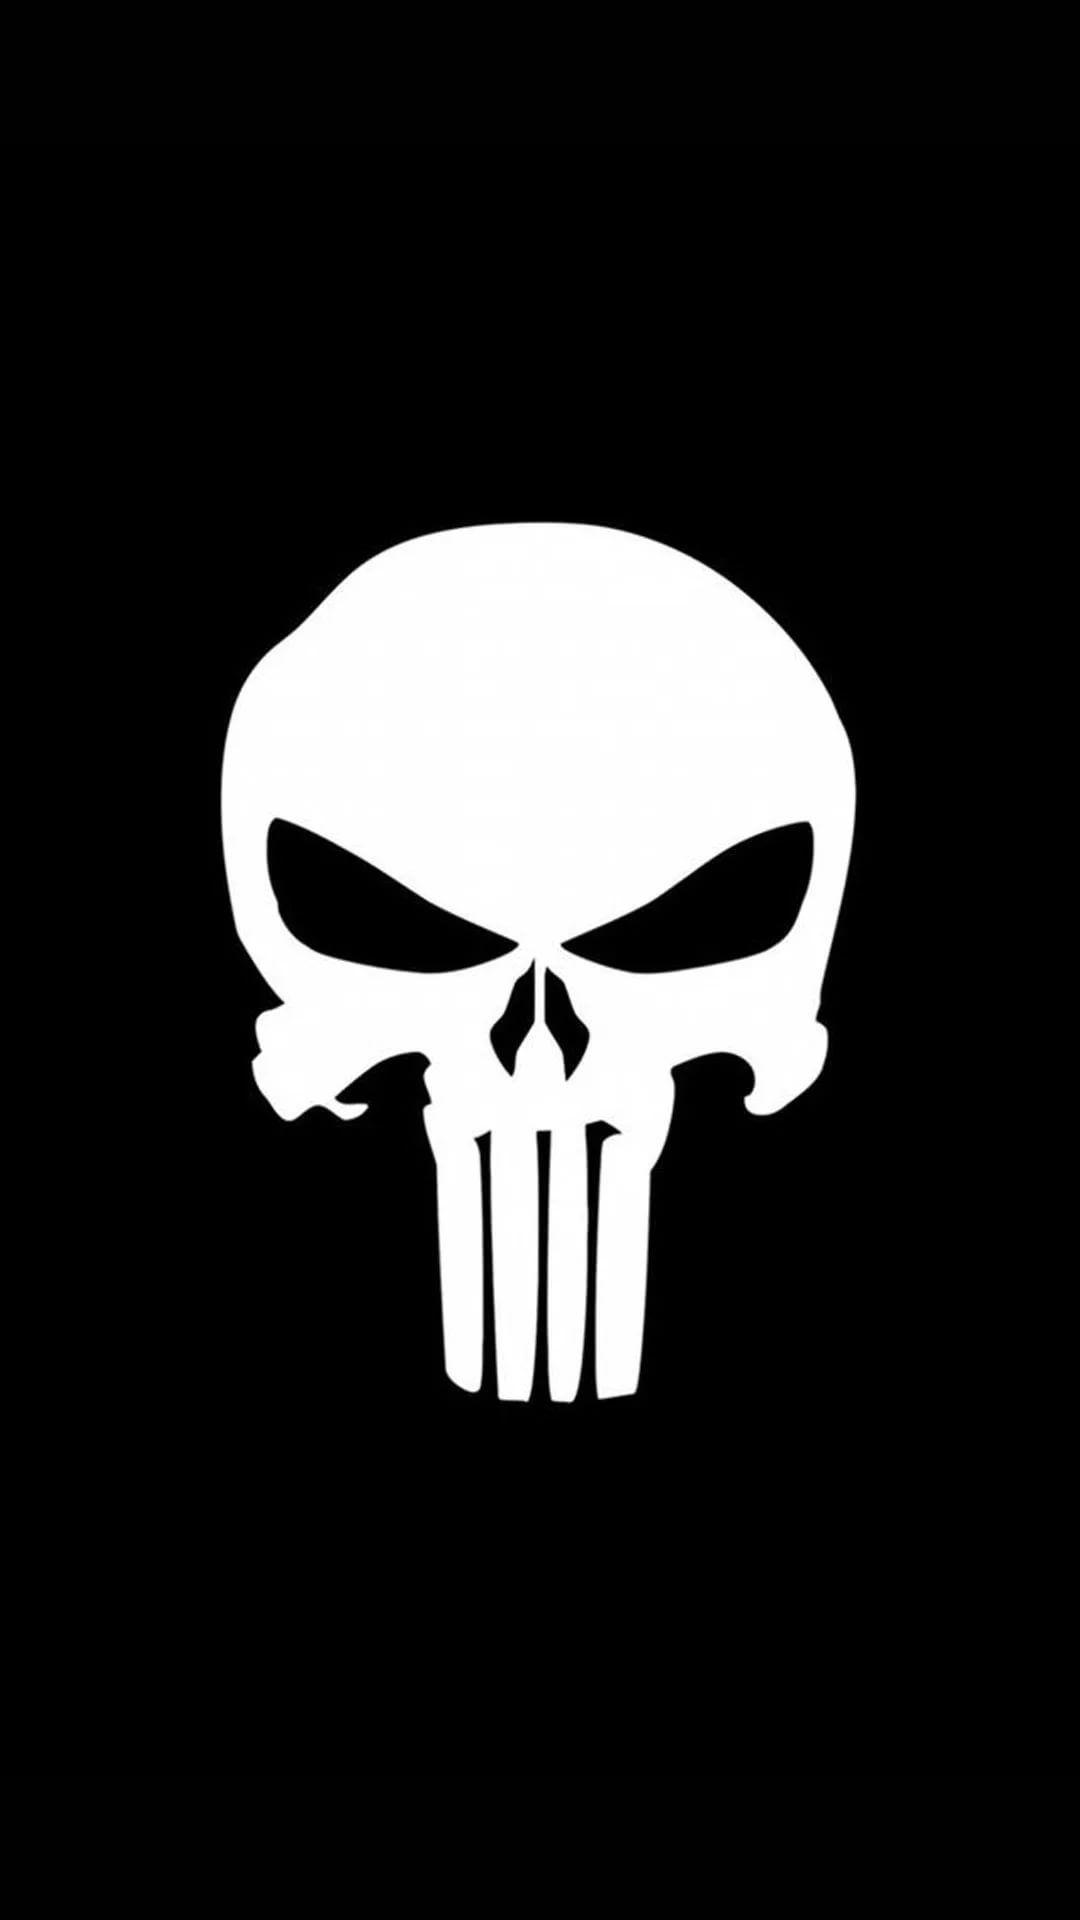 Cool Skull iOS 10 wallpaper